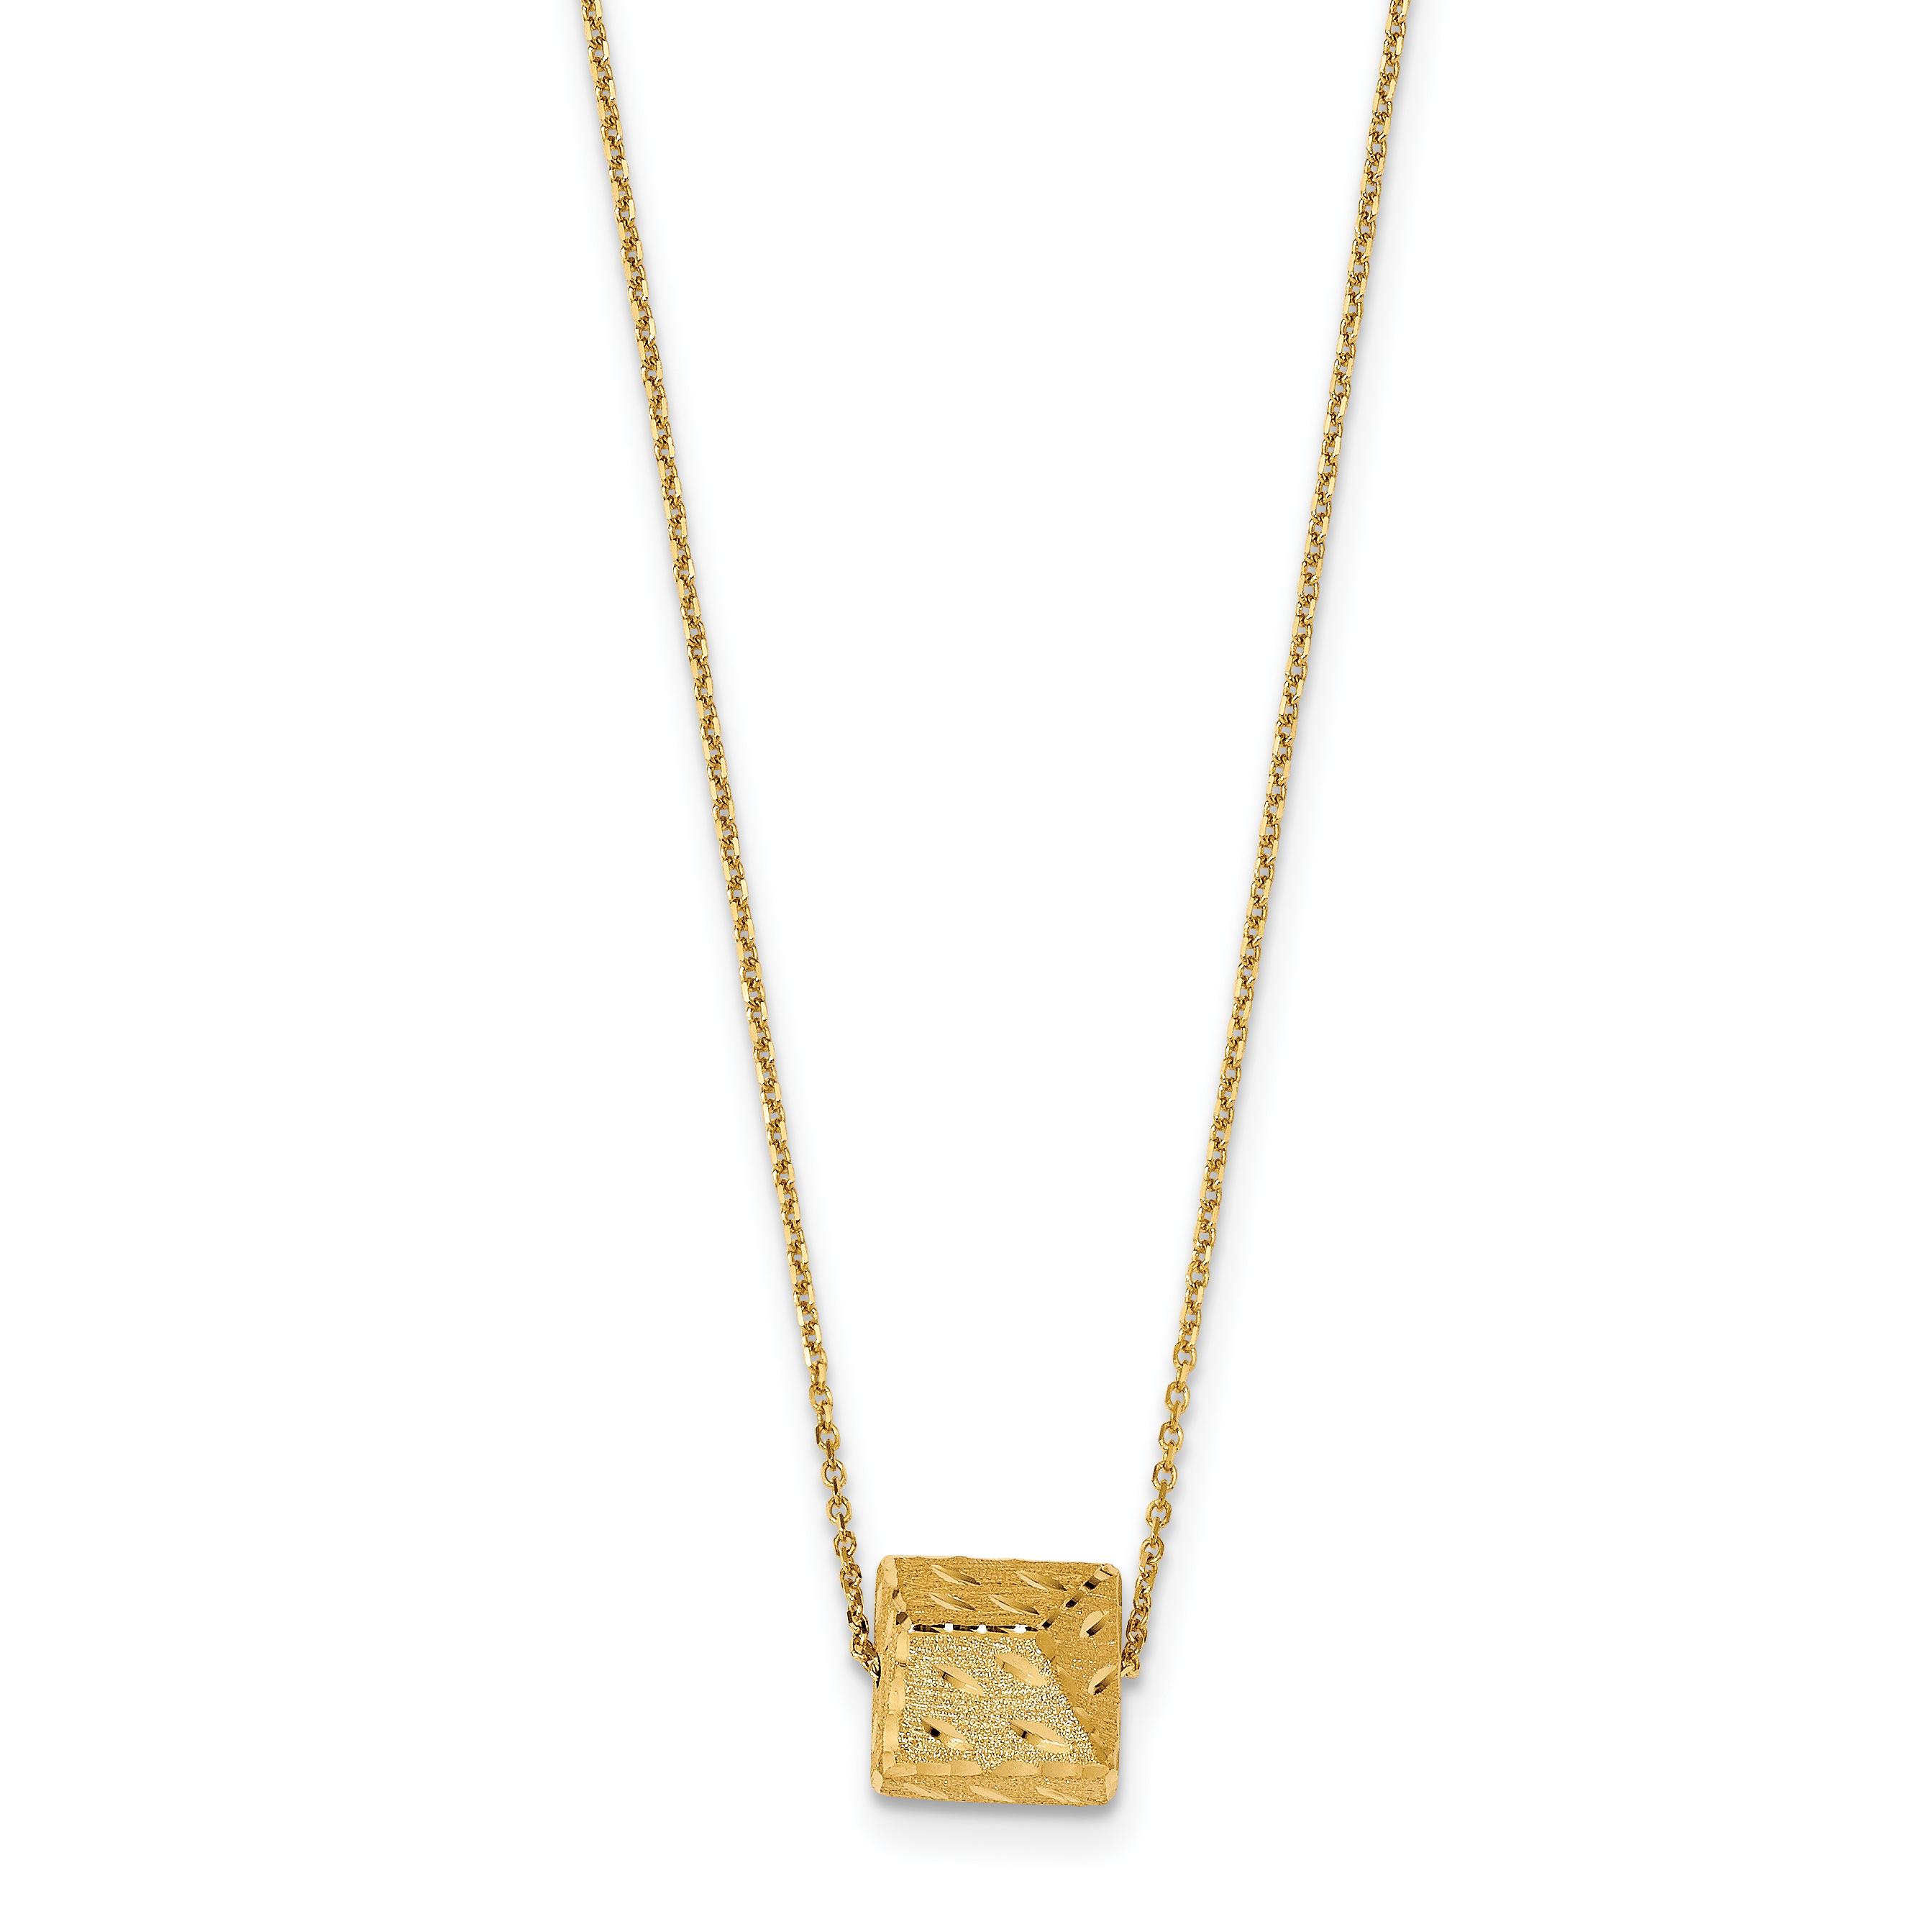 Leslie's 14K Polished & Brushed D/C w/1 in ext Necklace